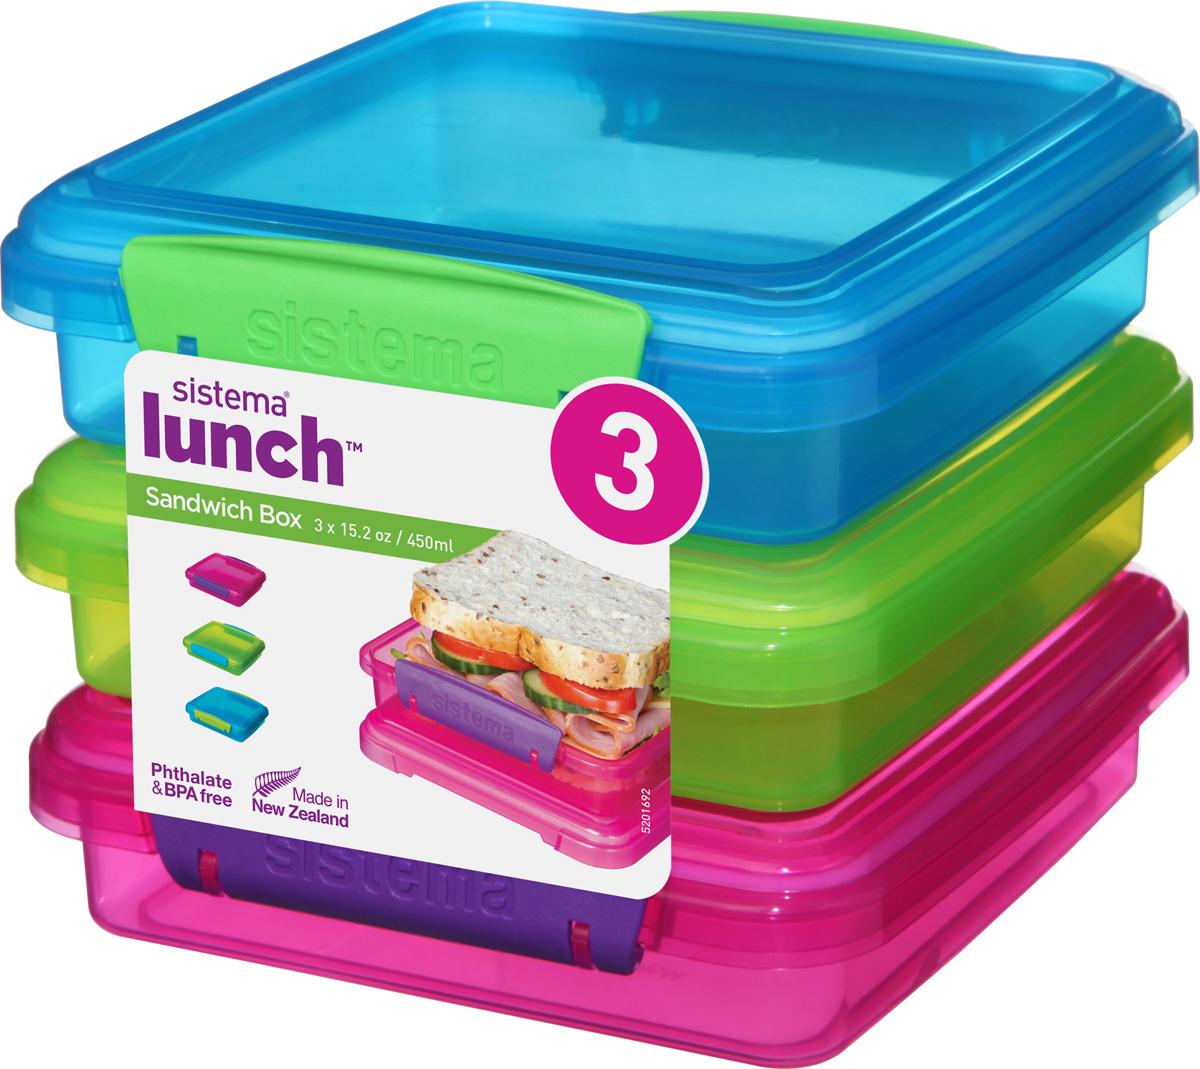 Контейнер пищевой 41647, красный, синий, зеленый контейнер для сэндвичей sistema цвет прозрачный фиолетовый розовый 450 мл